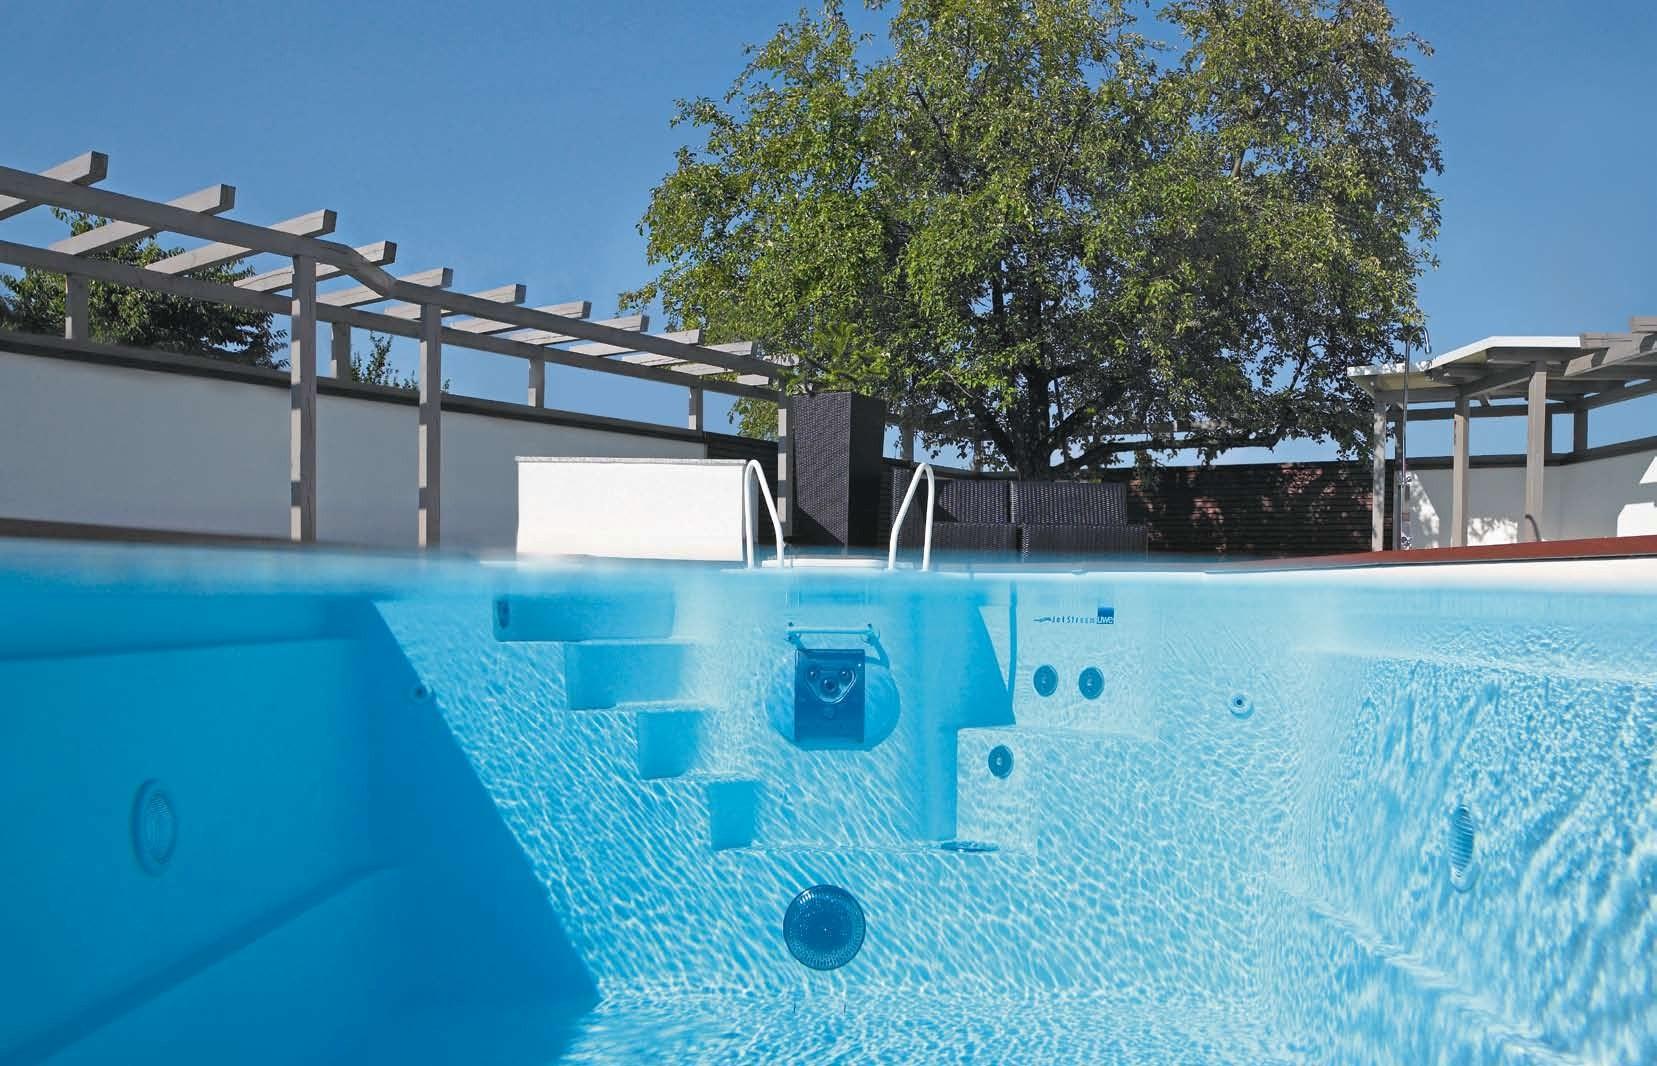 scara piscina inot contracurent constructie piscina fitness